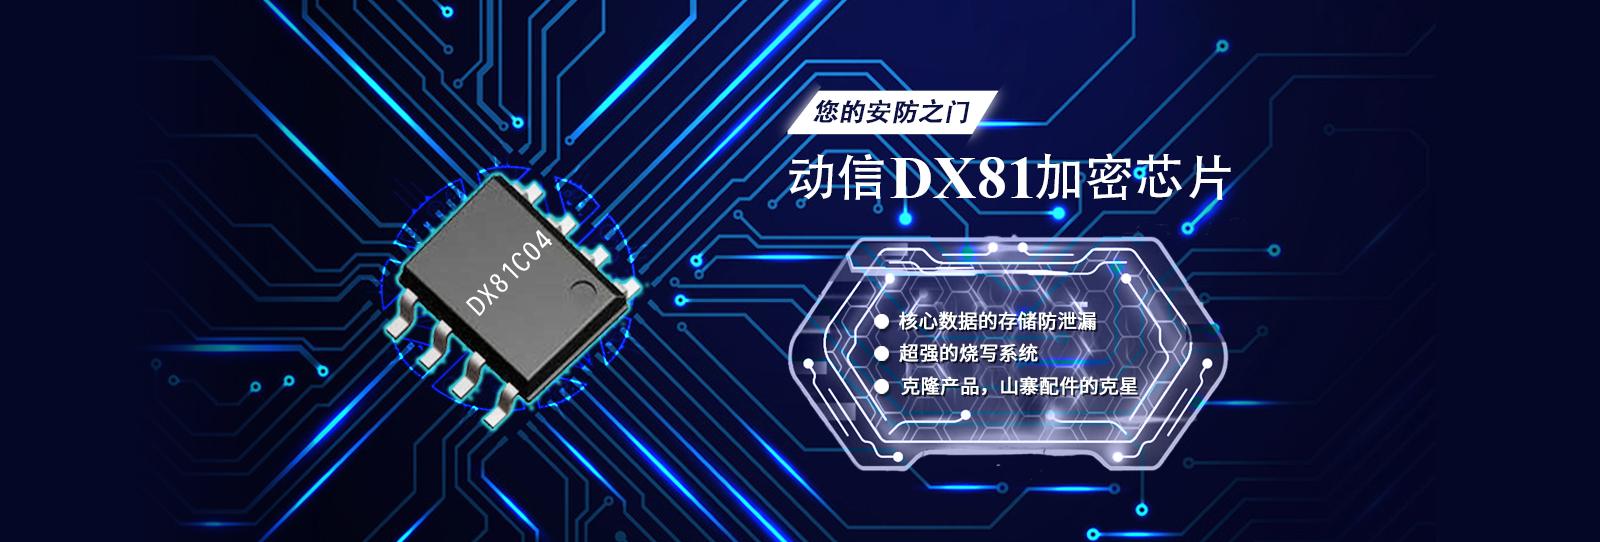 上海赌场微电子科技有限公司